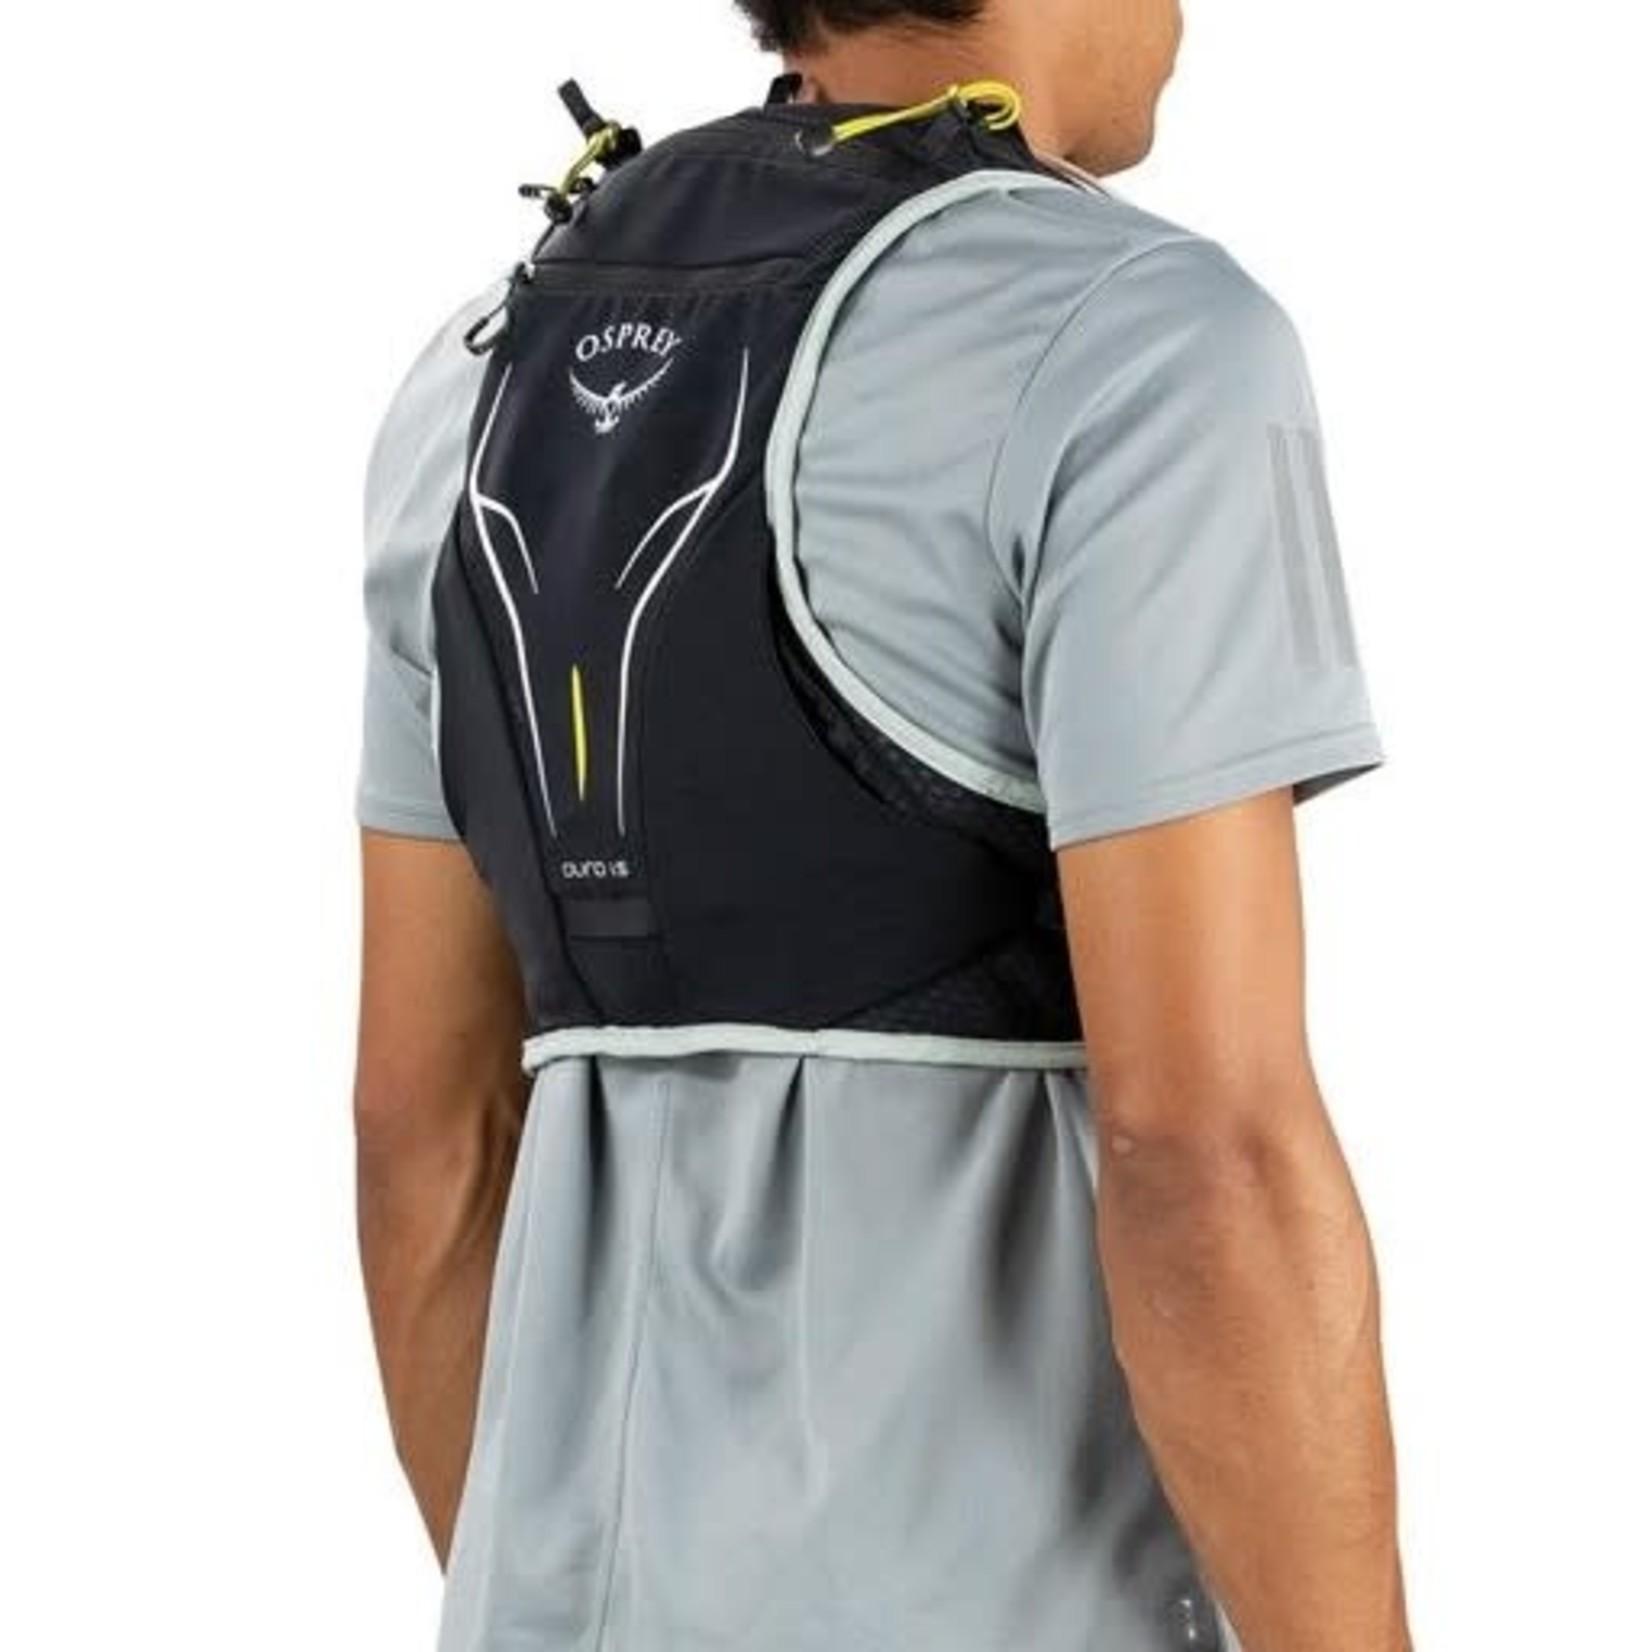 Osprey Osprey Duro 1.5 Trail Running Vest - Men